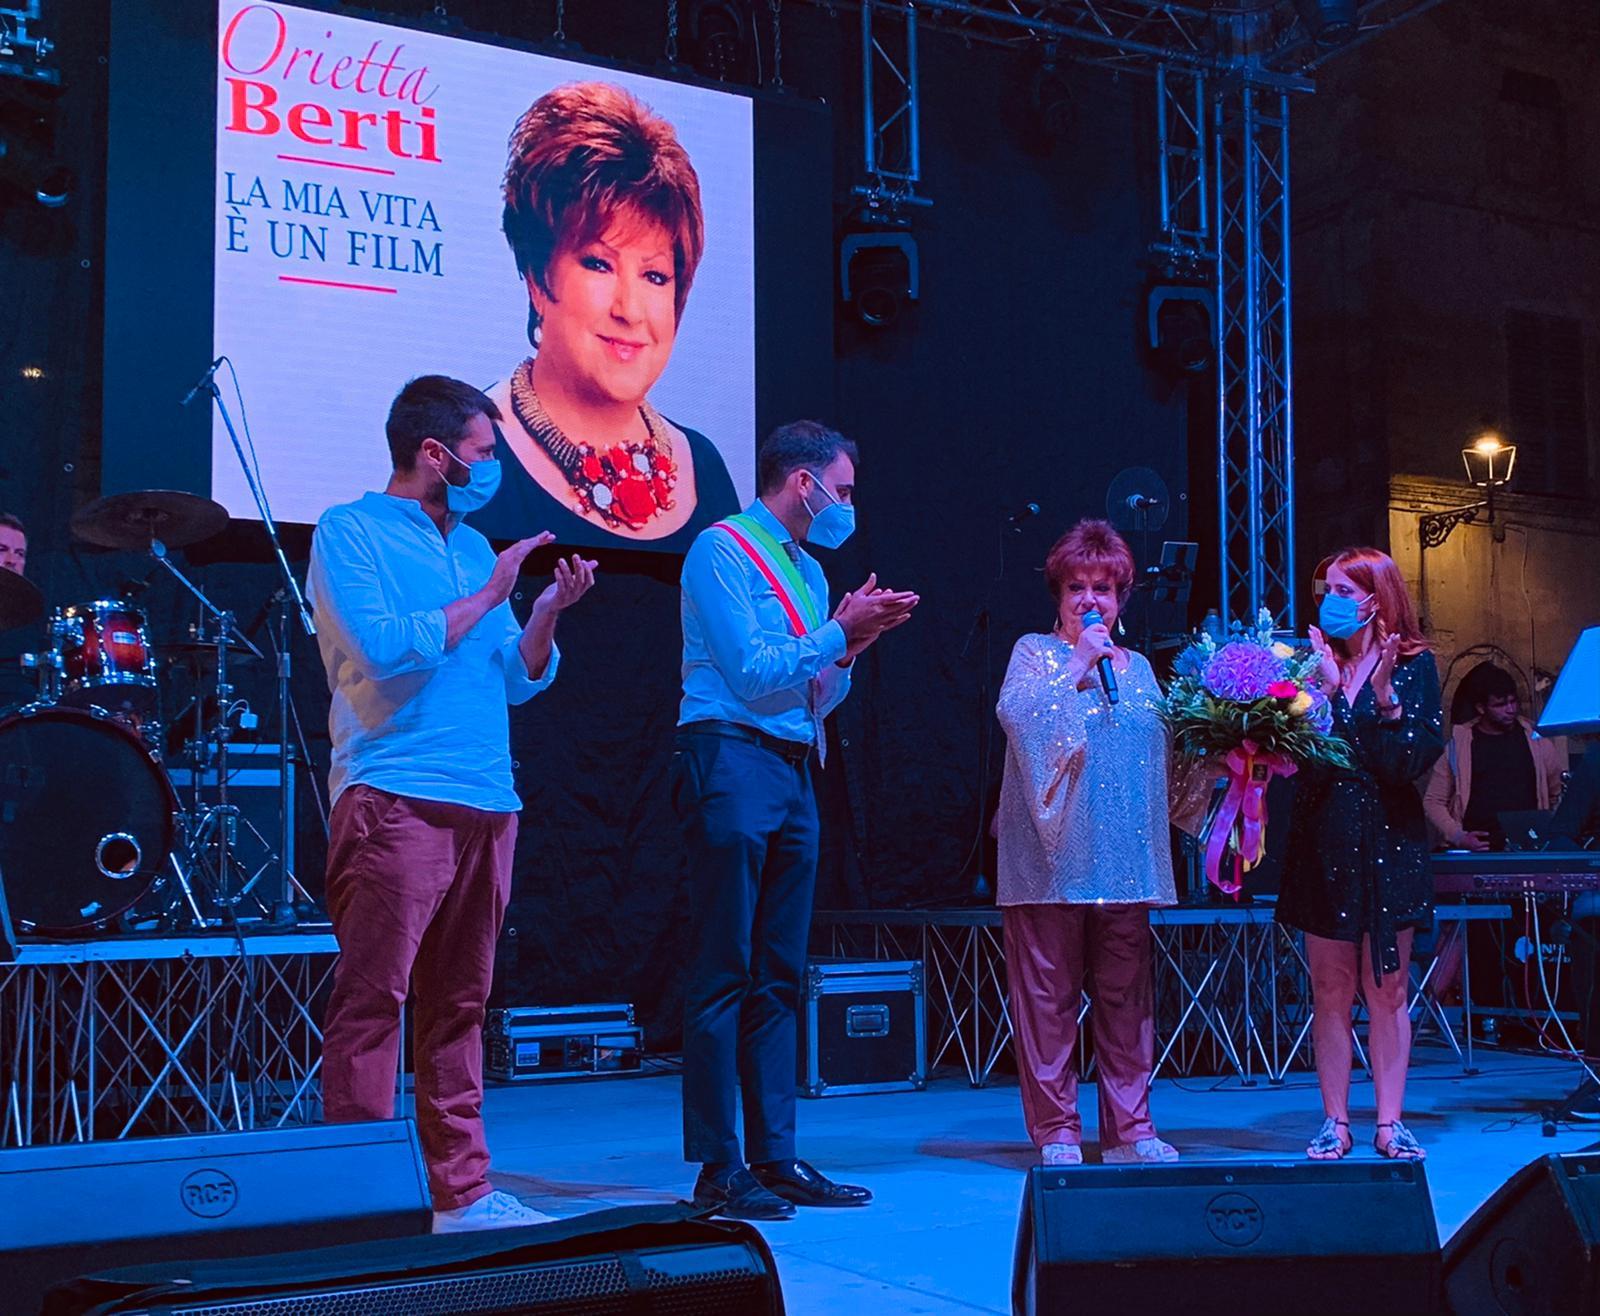 """Campli, la serata a """"Mille"""" di Orietta Berti: successo di pubblico e consensi FOTO"""